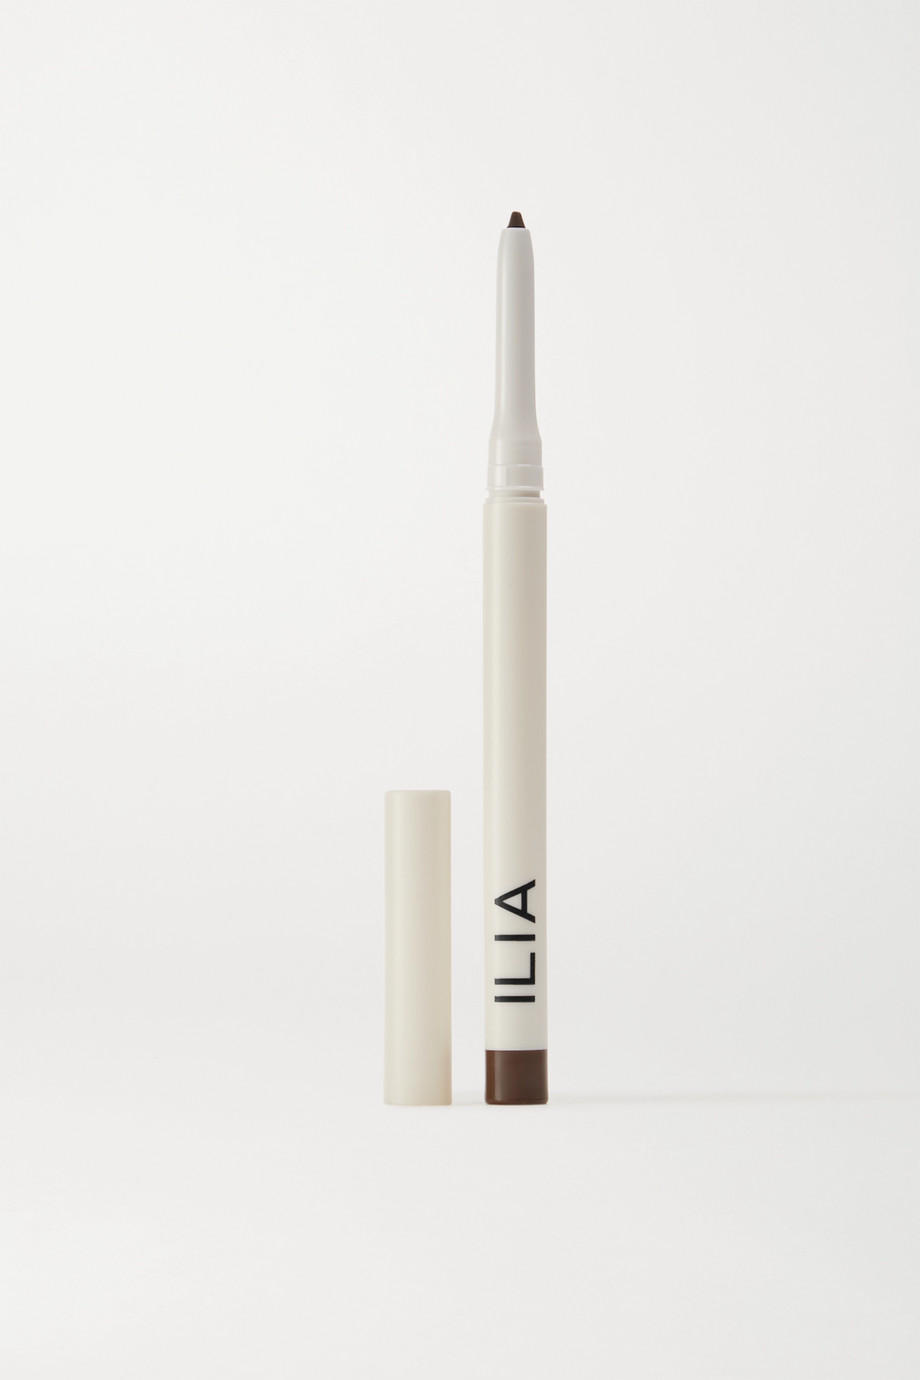 Ilia Clean Line Gel Liner - Dusk